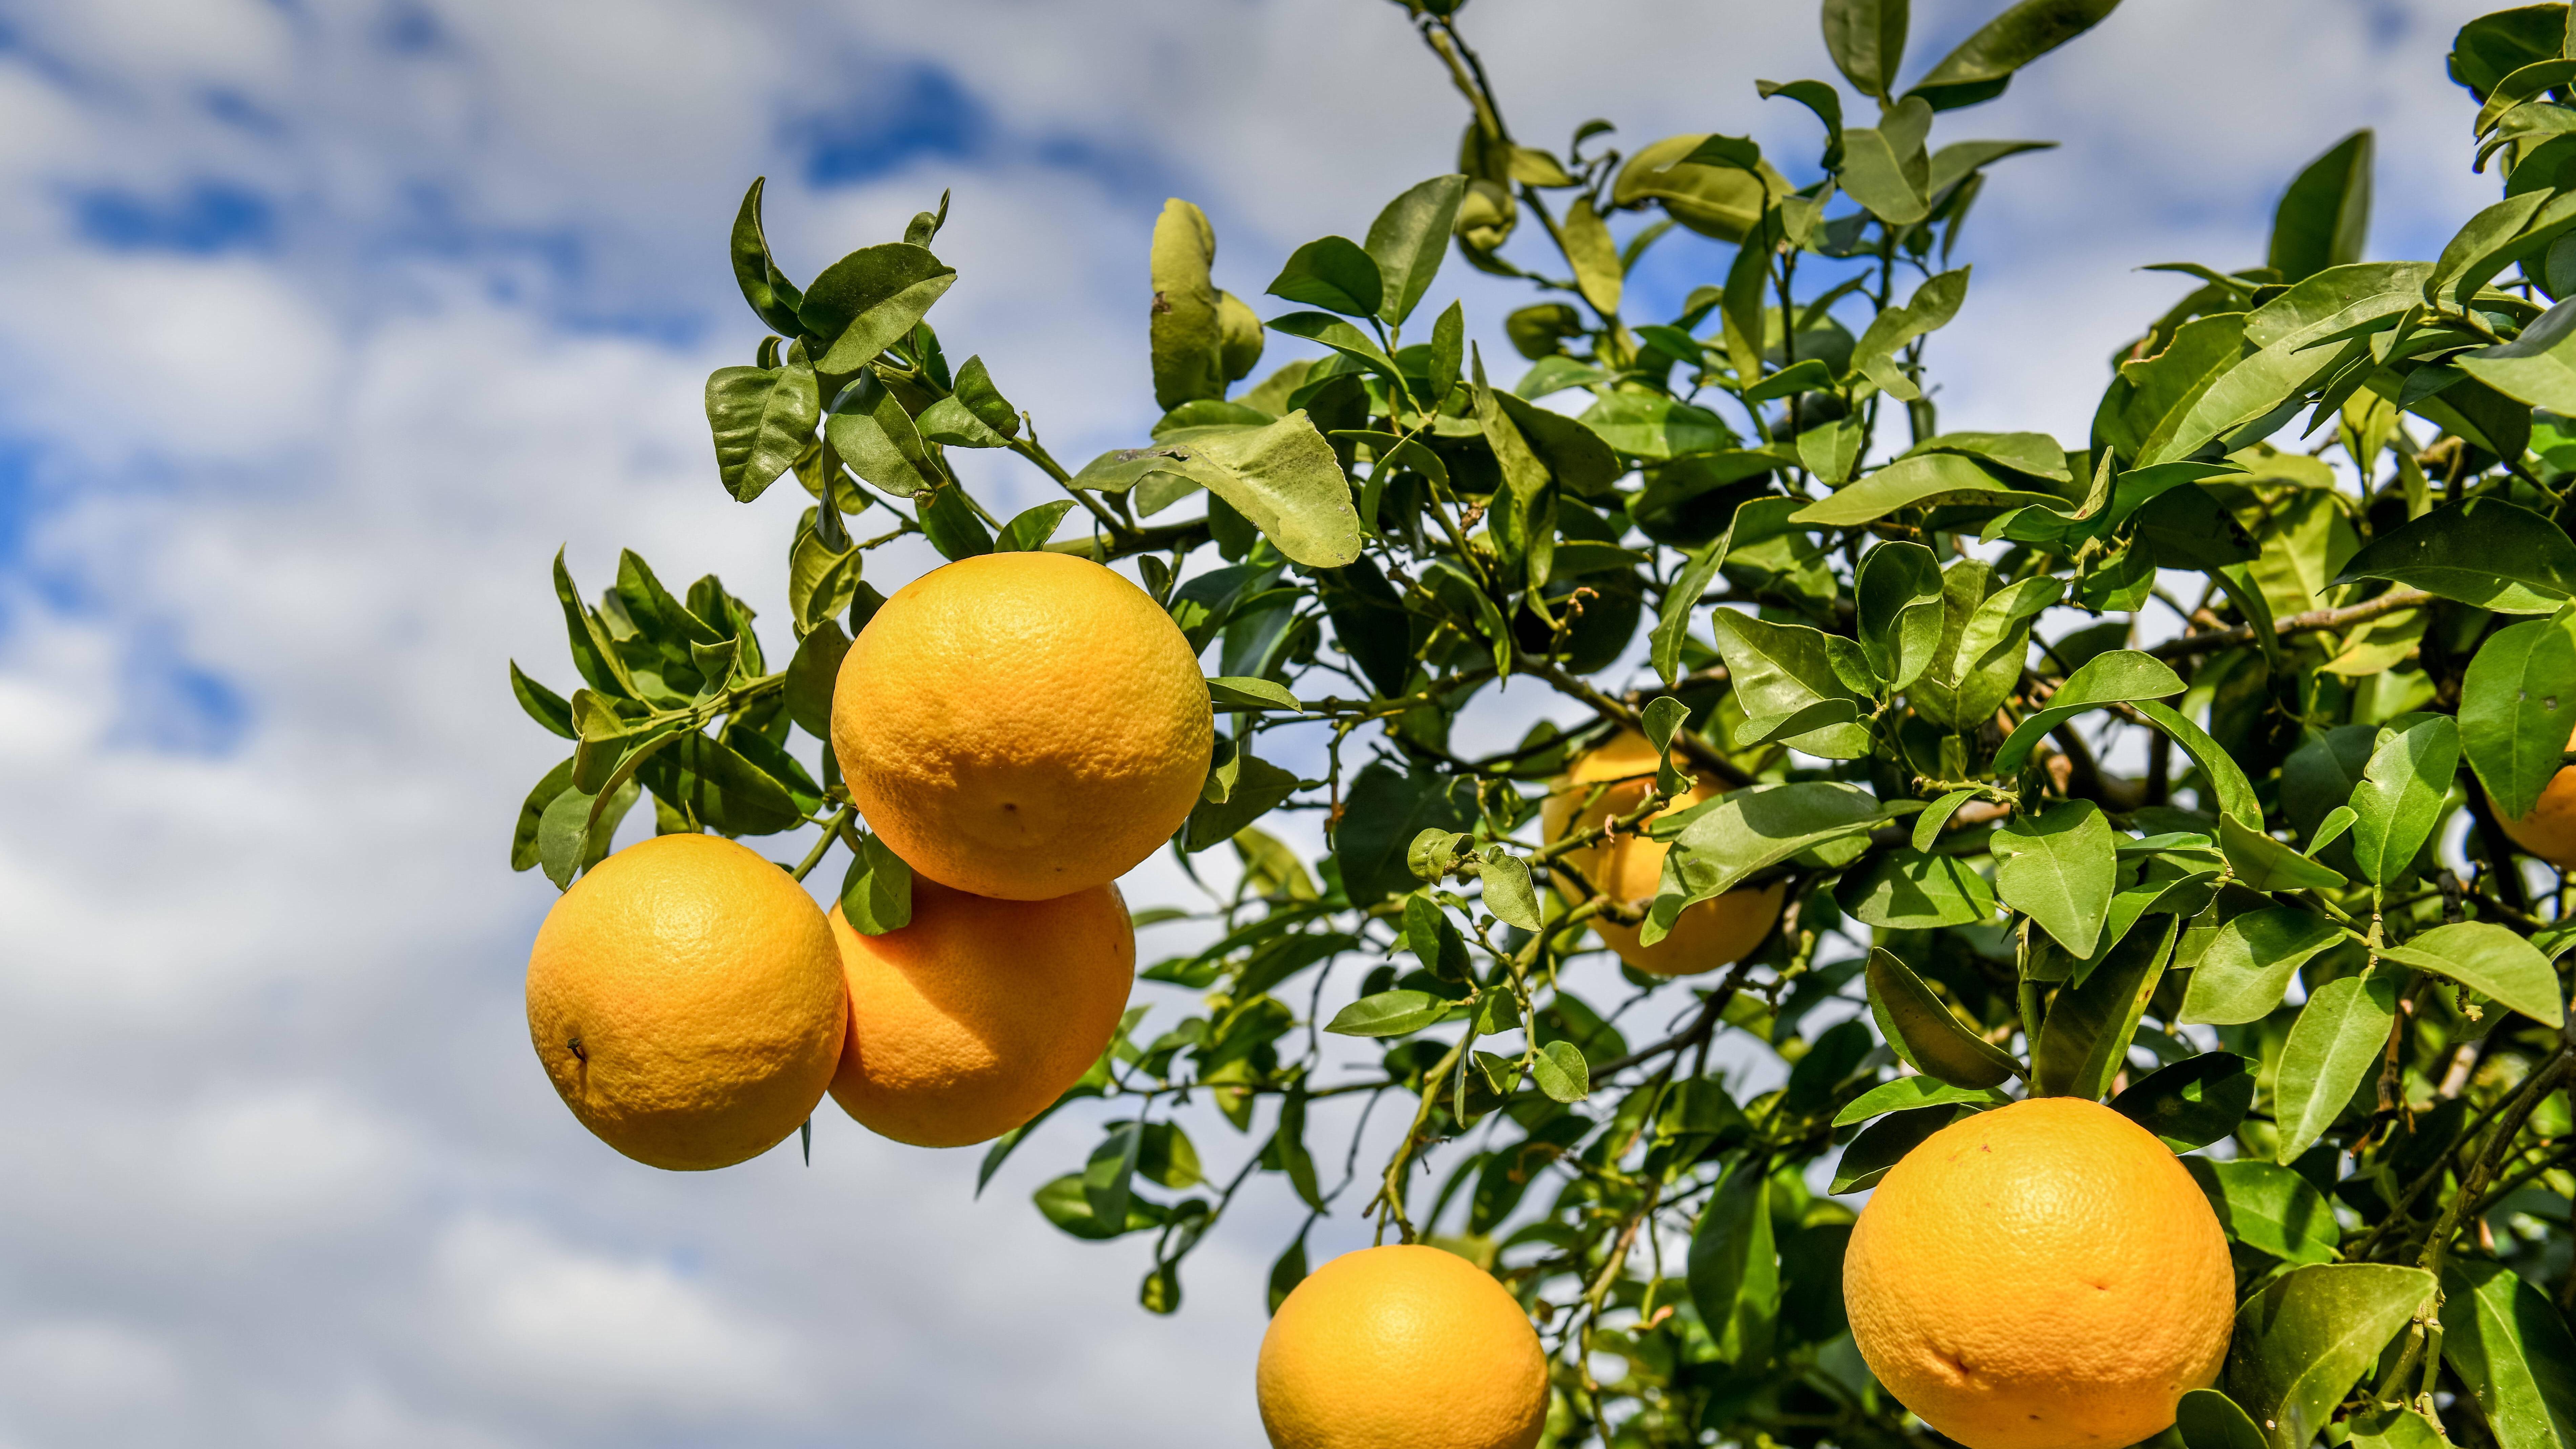 Orangenbaum selber ziehen: So funktioniert's